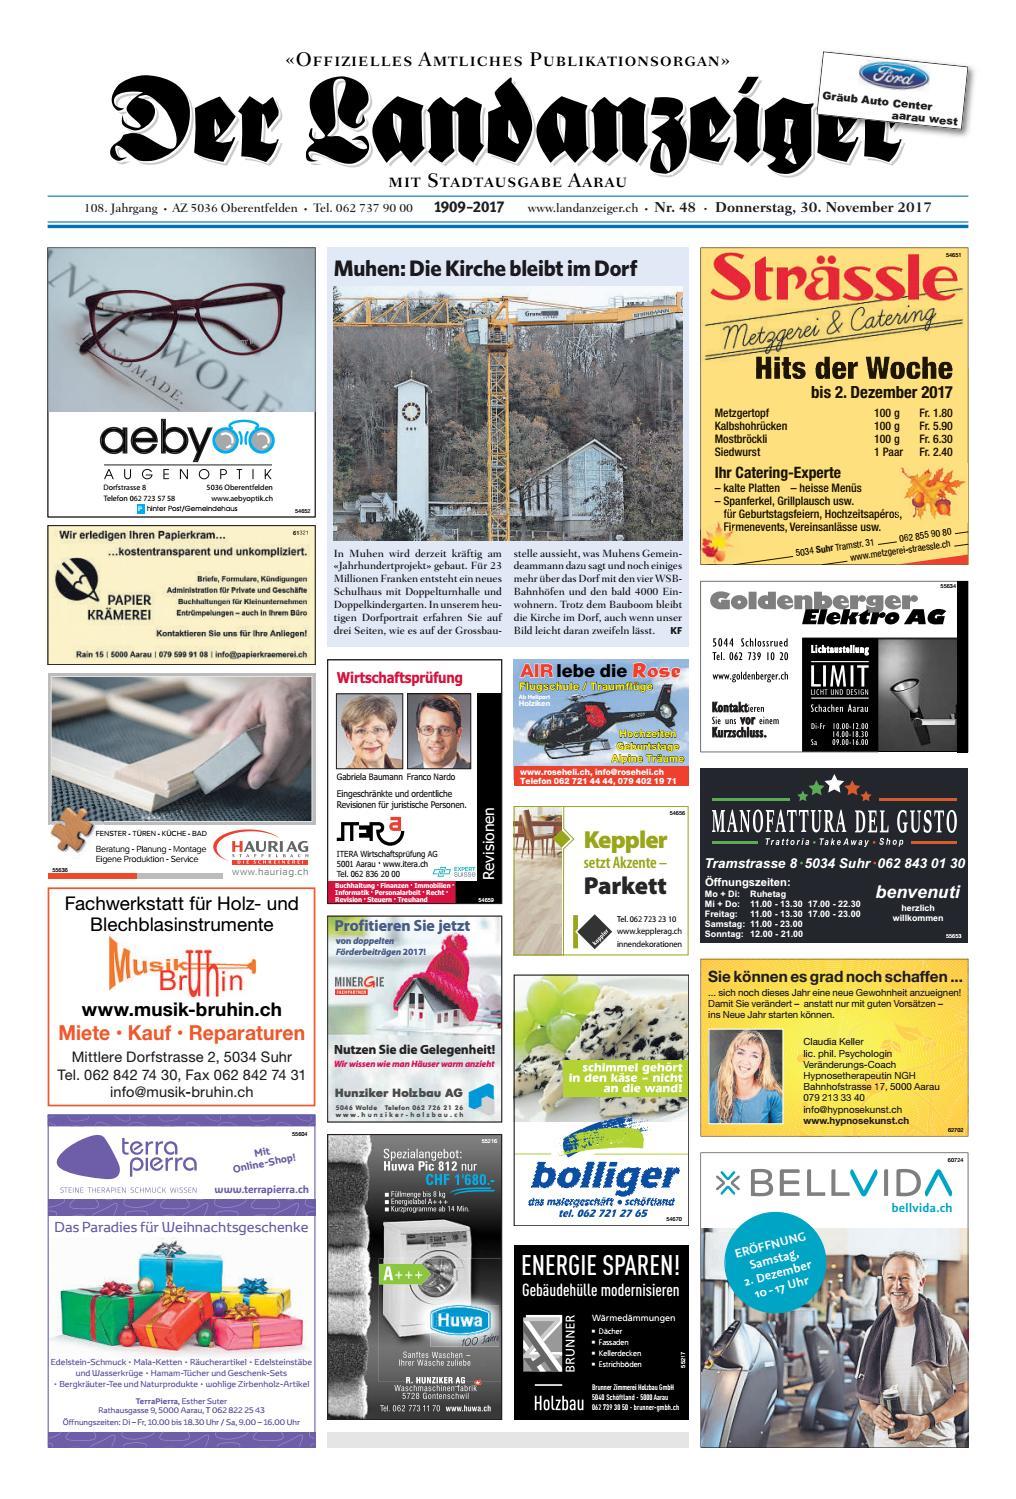 Der Landanzeiger 4817 By Zt Medien Ag Issuu